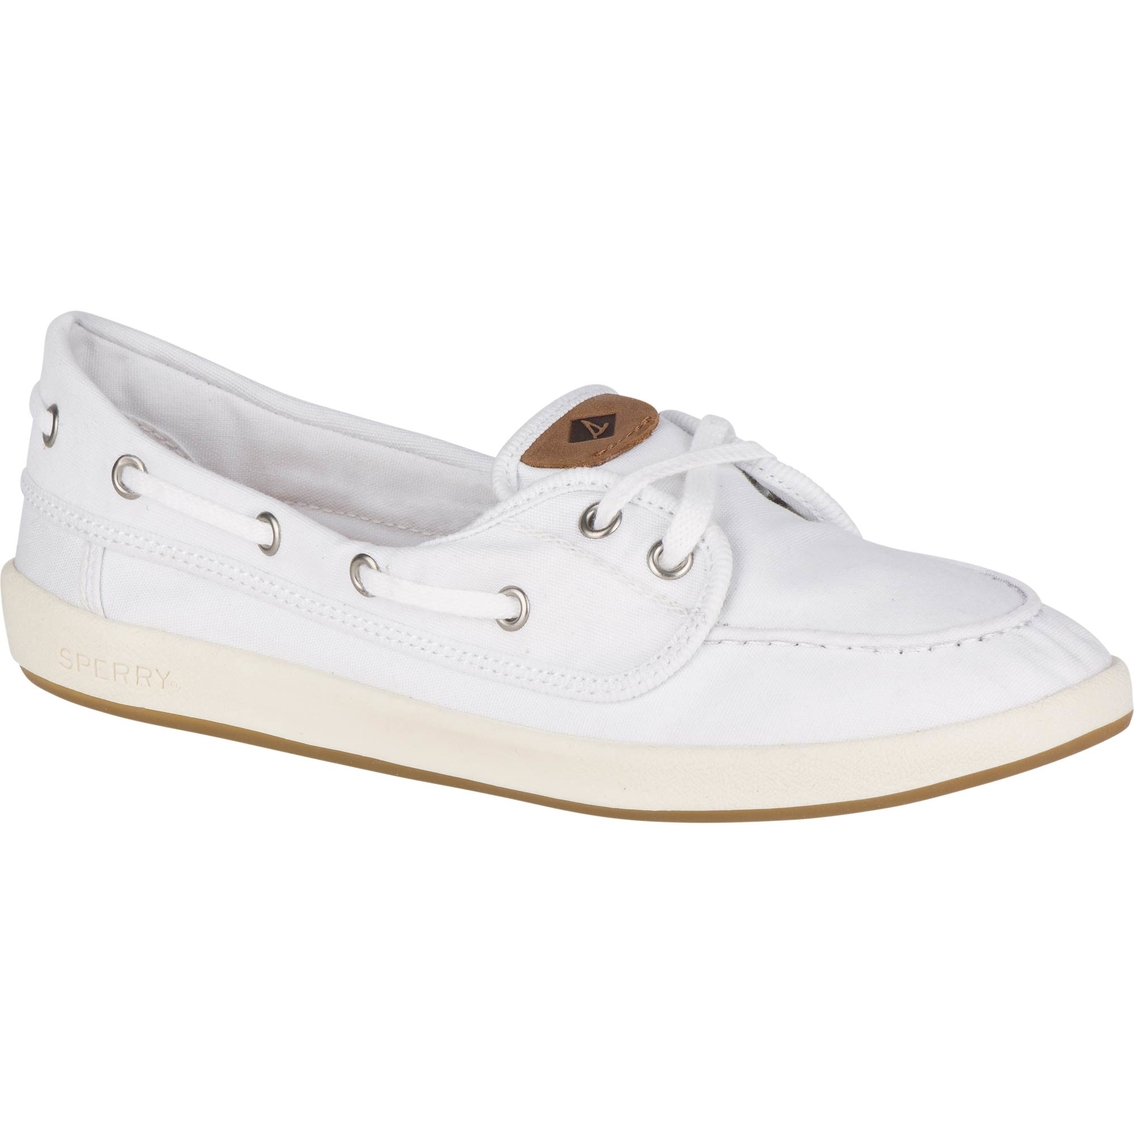 Drift Hale Boat Shoes   Flats   Shoes